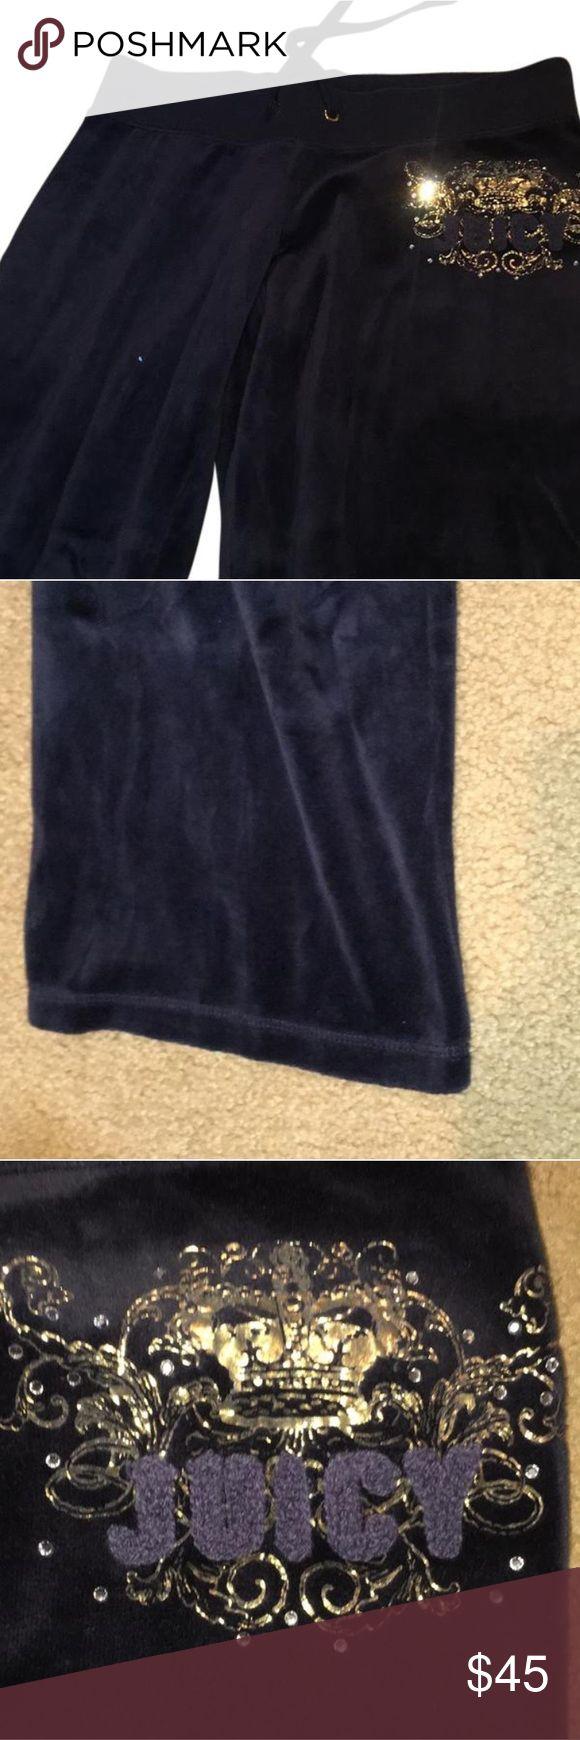 Juicy Couture Pants Juicy Couture Navy Blue velvet sweatsuit pants size P. perfect condition Juicy Couture Pants Straight Leg